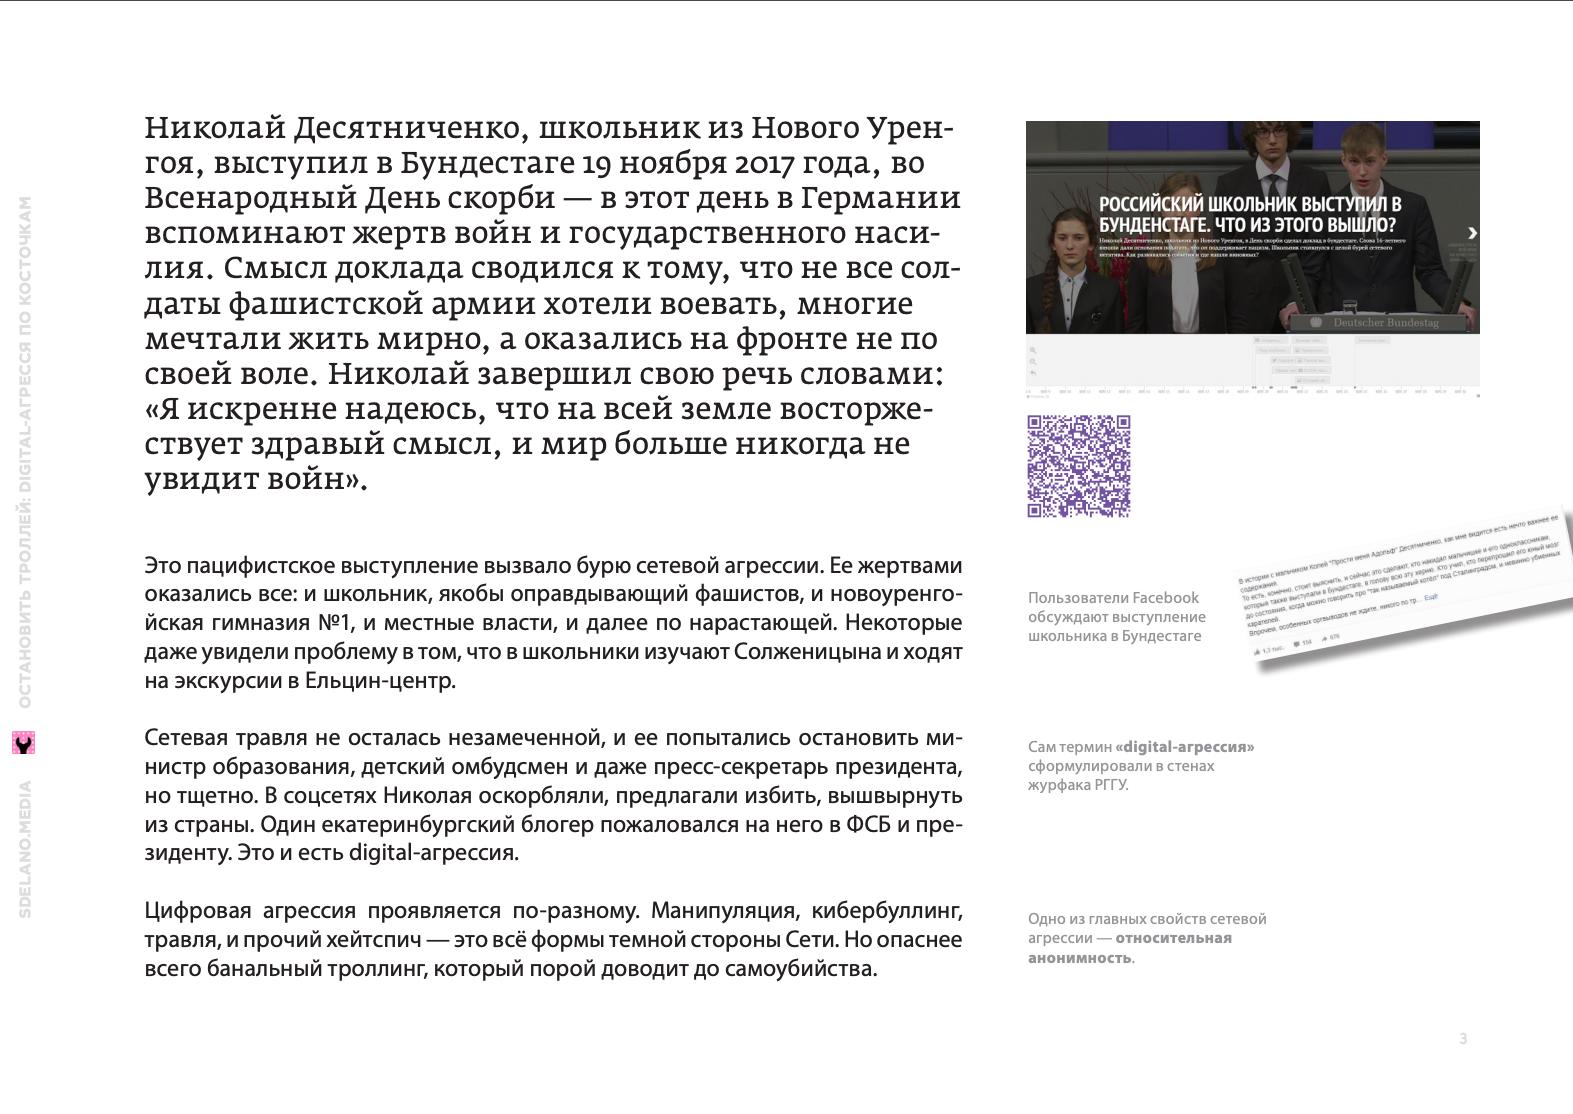 Screenshot 2018-12-02 at 17.51.50